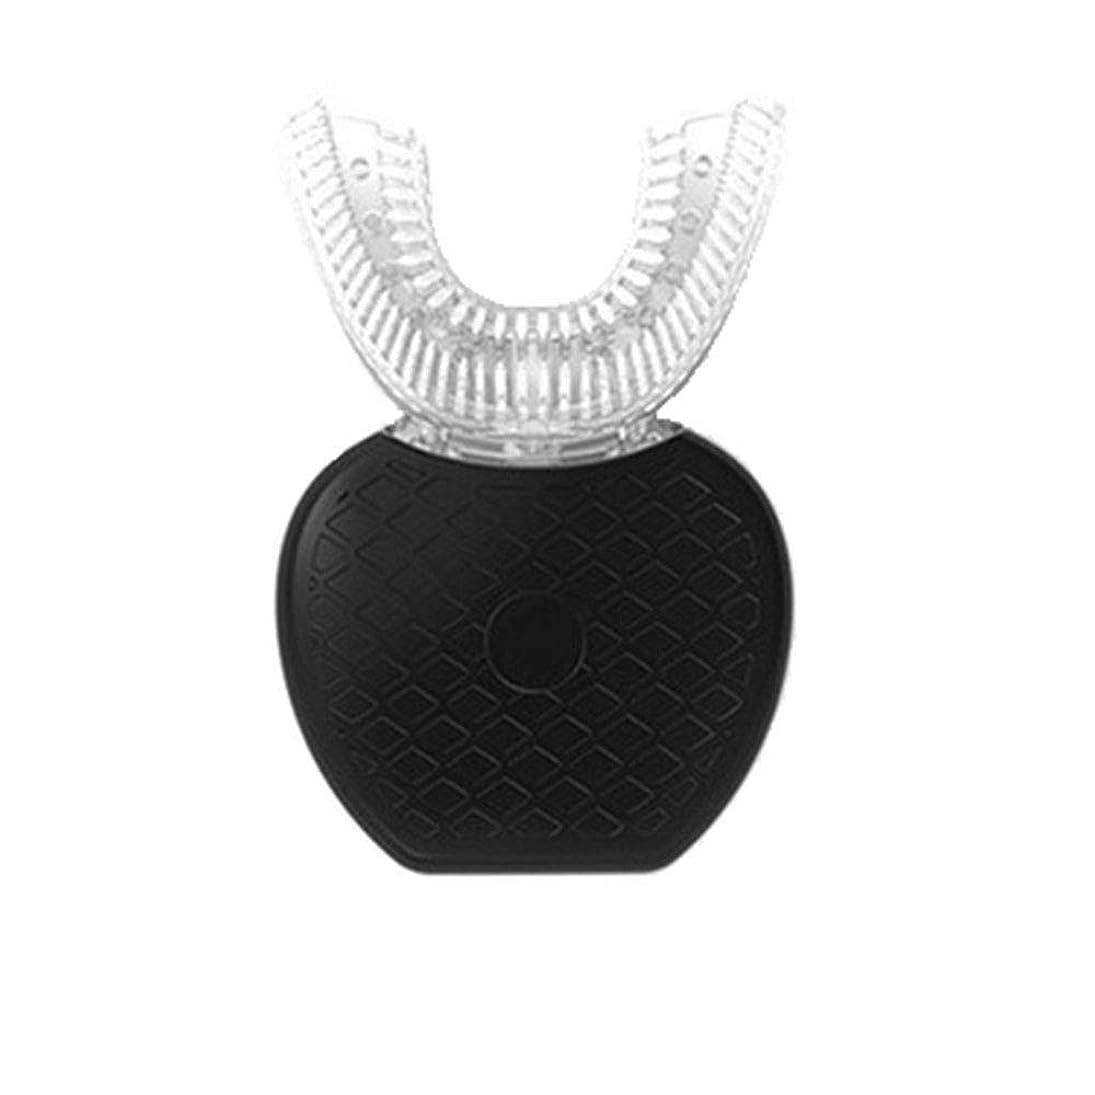 シマウマペース教育自動電気歯ブラシシリカゲル超音波歯ブラシ、360°U型大人の特別な冷光,黒